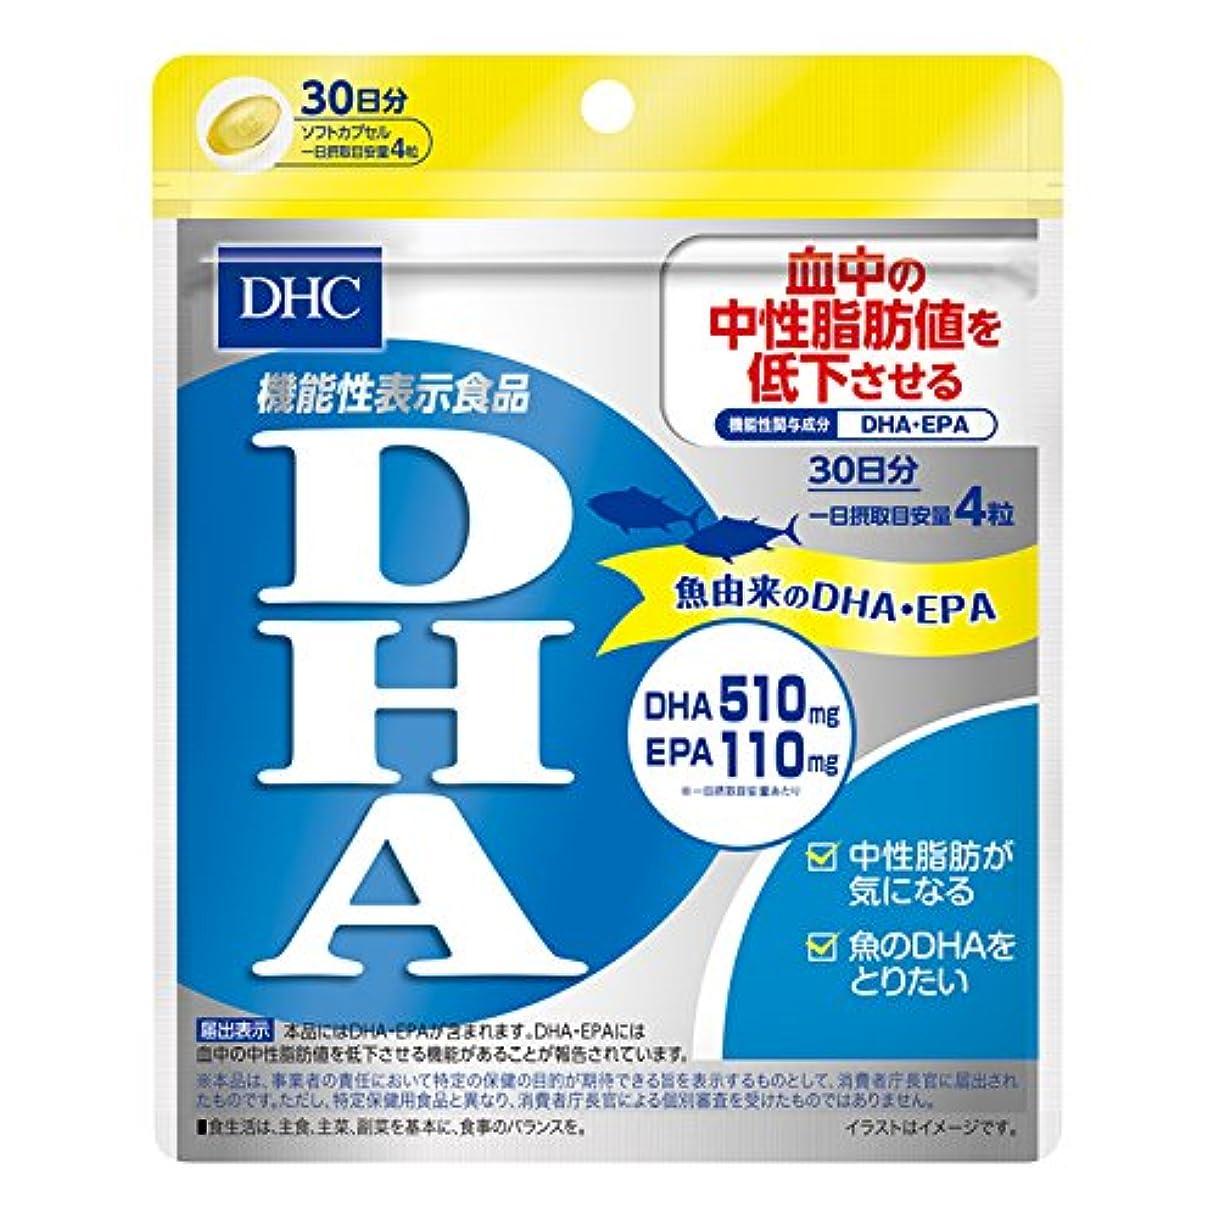 起きて早い請求書DHC DHA 30日分 [機能性表示食品]